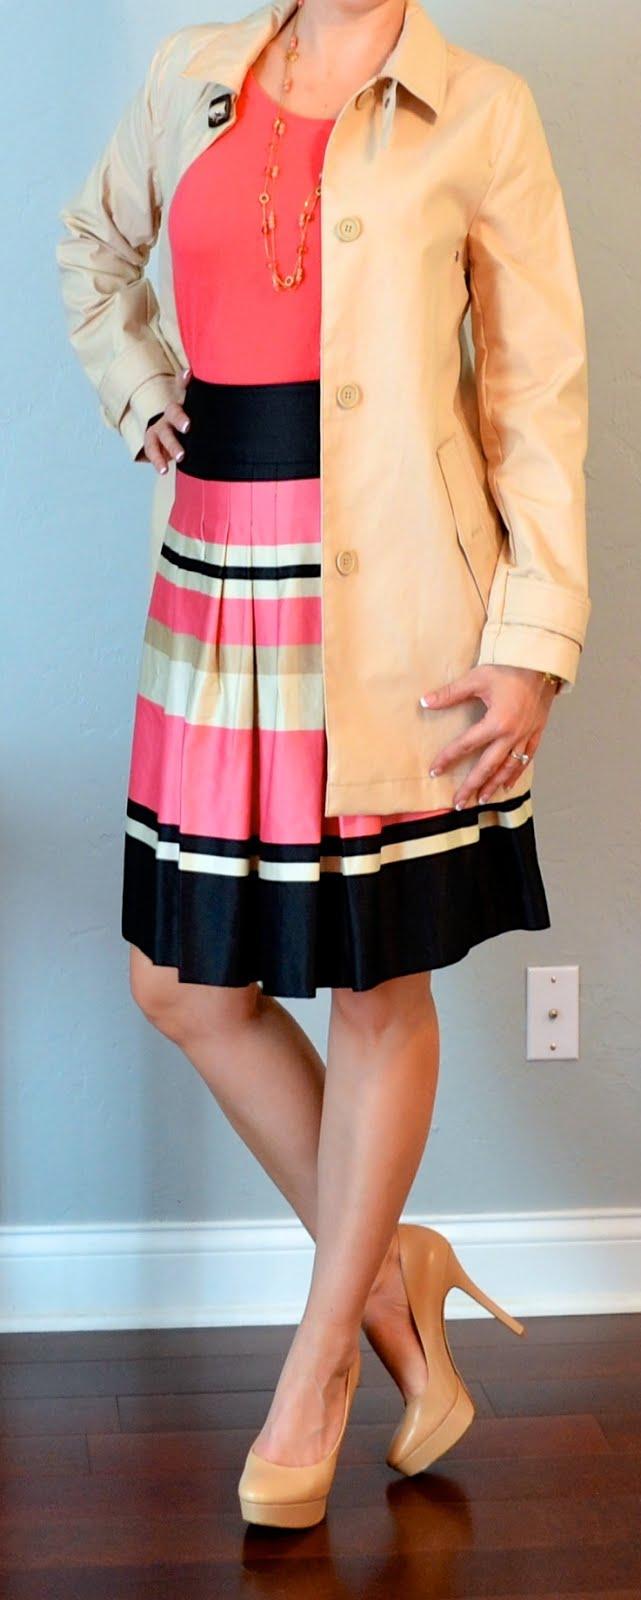 3da00-coatskirt